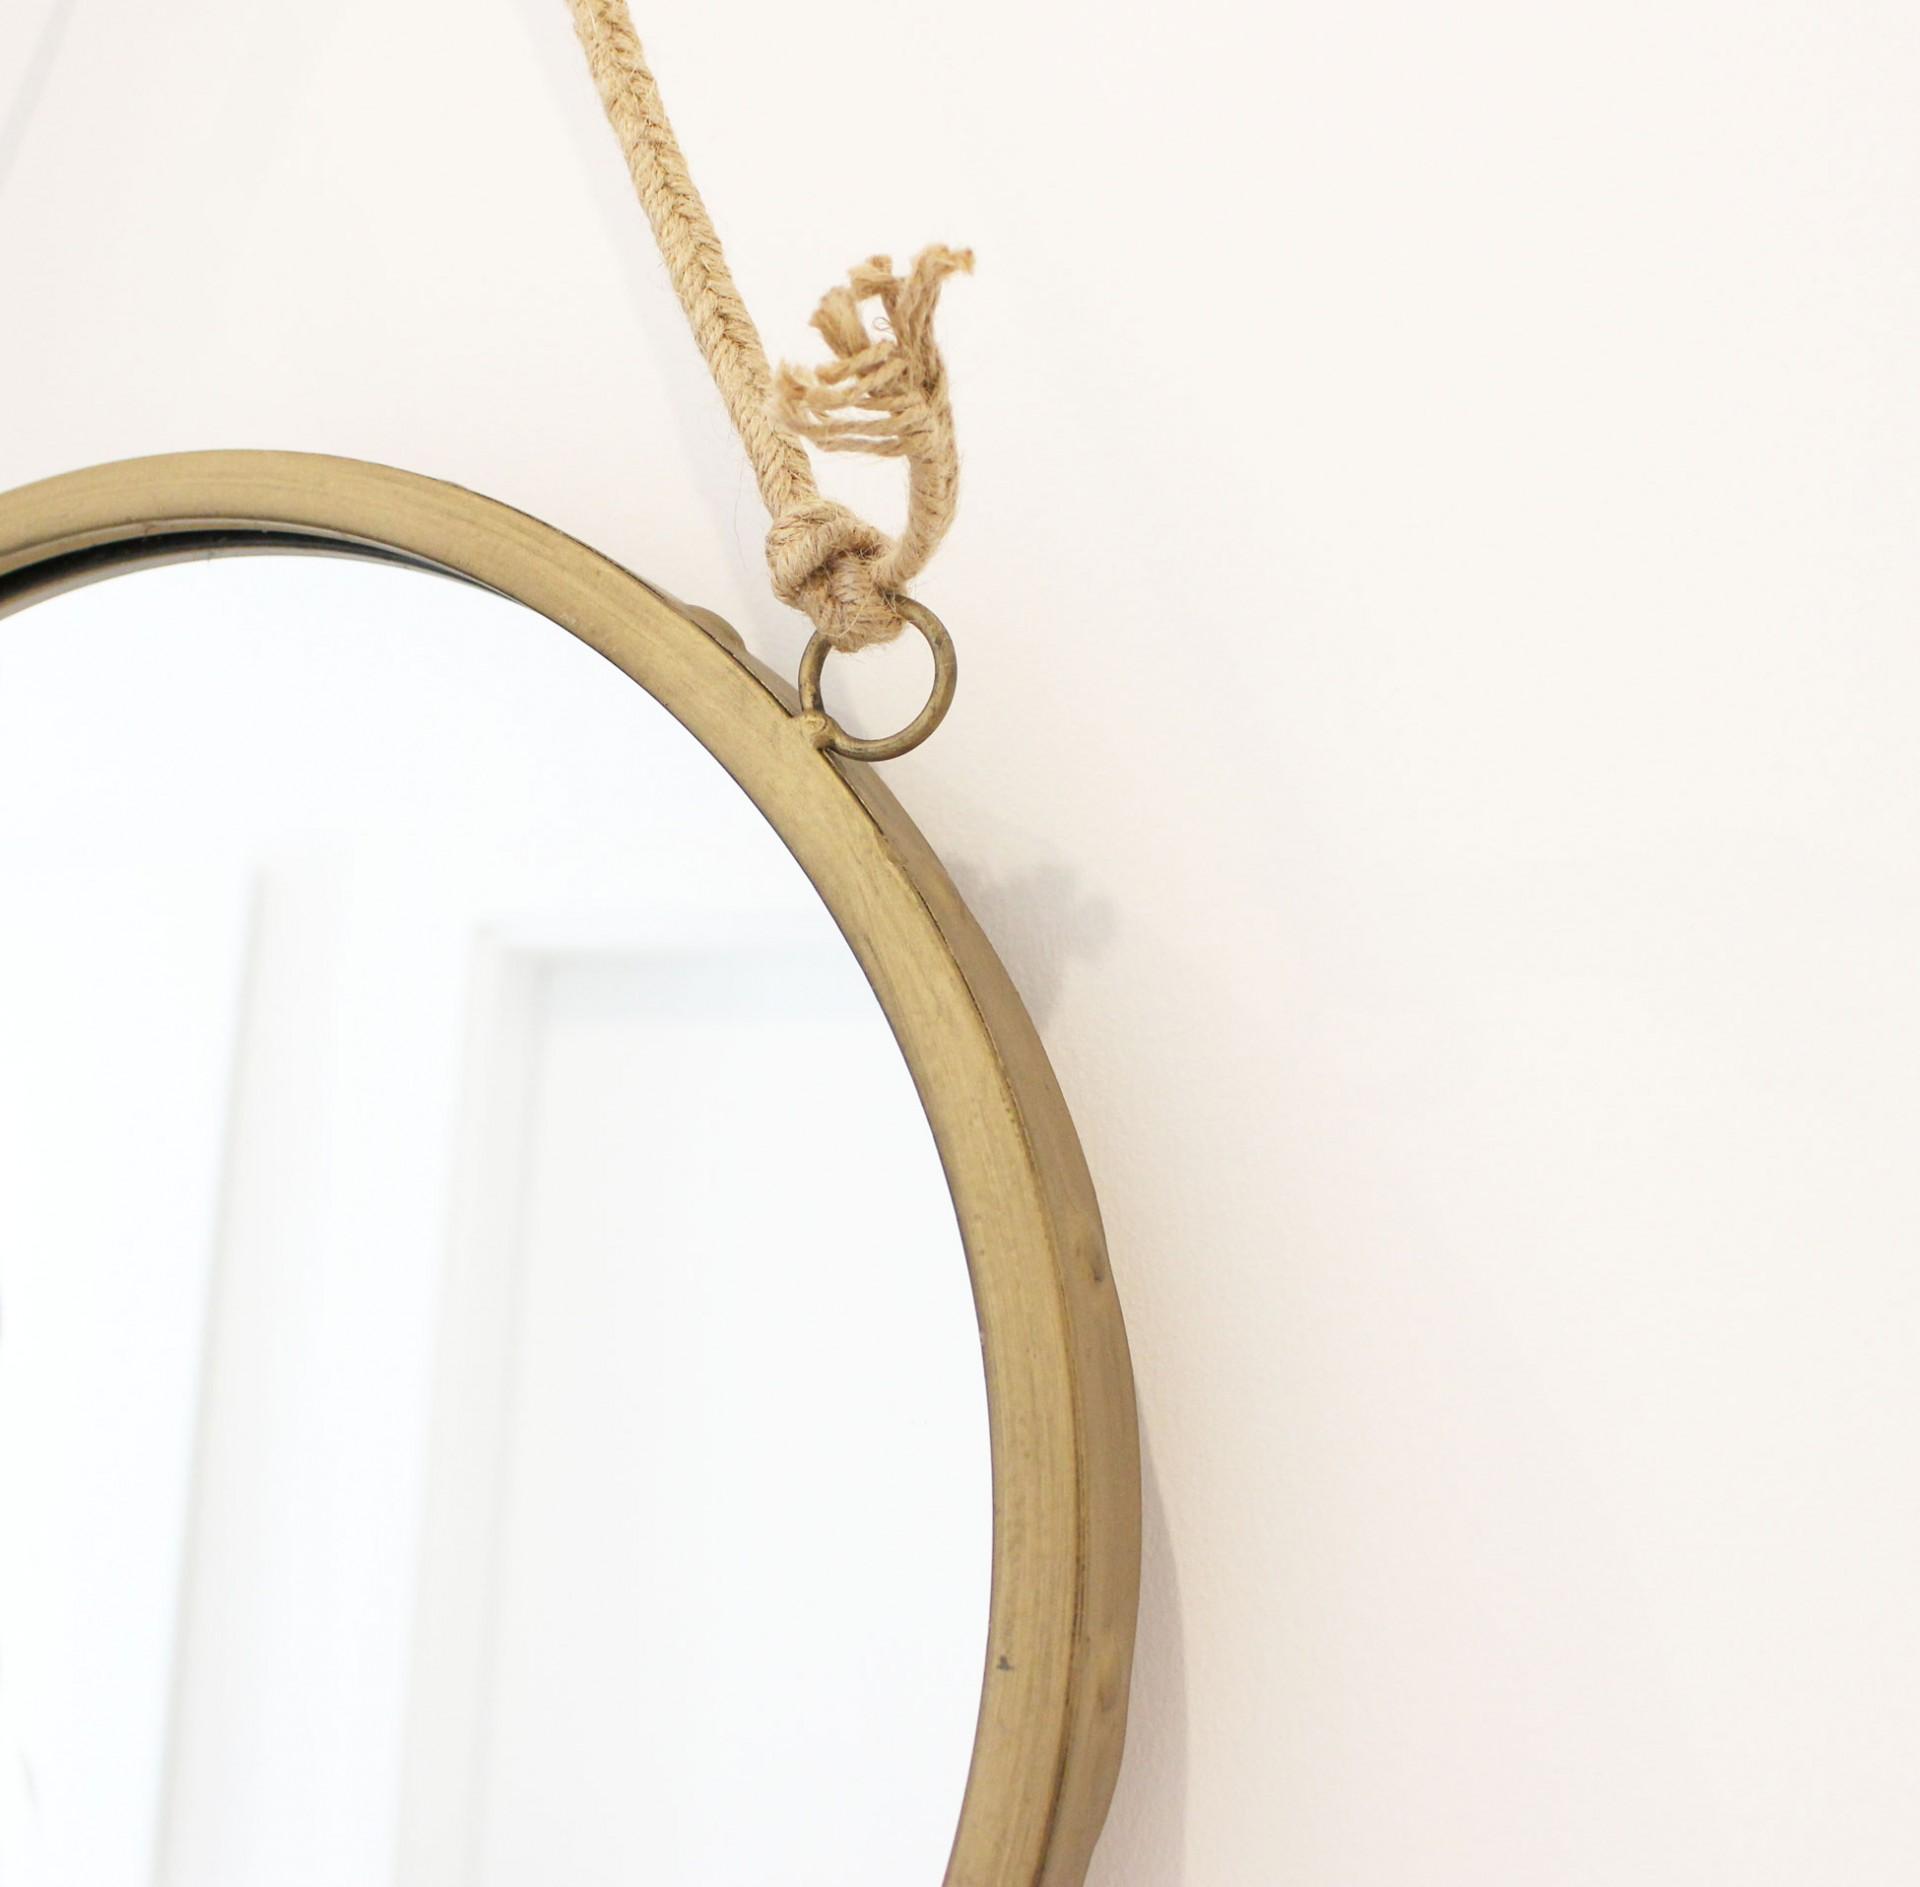 Espelho c/corda em juta, dourado, Ø36 cm